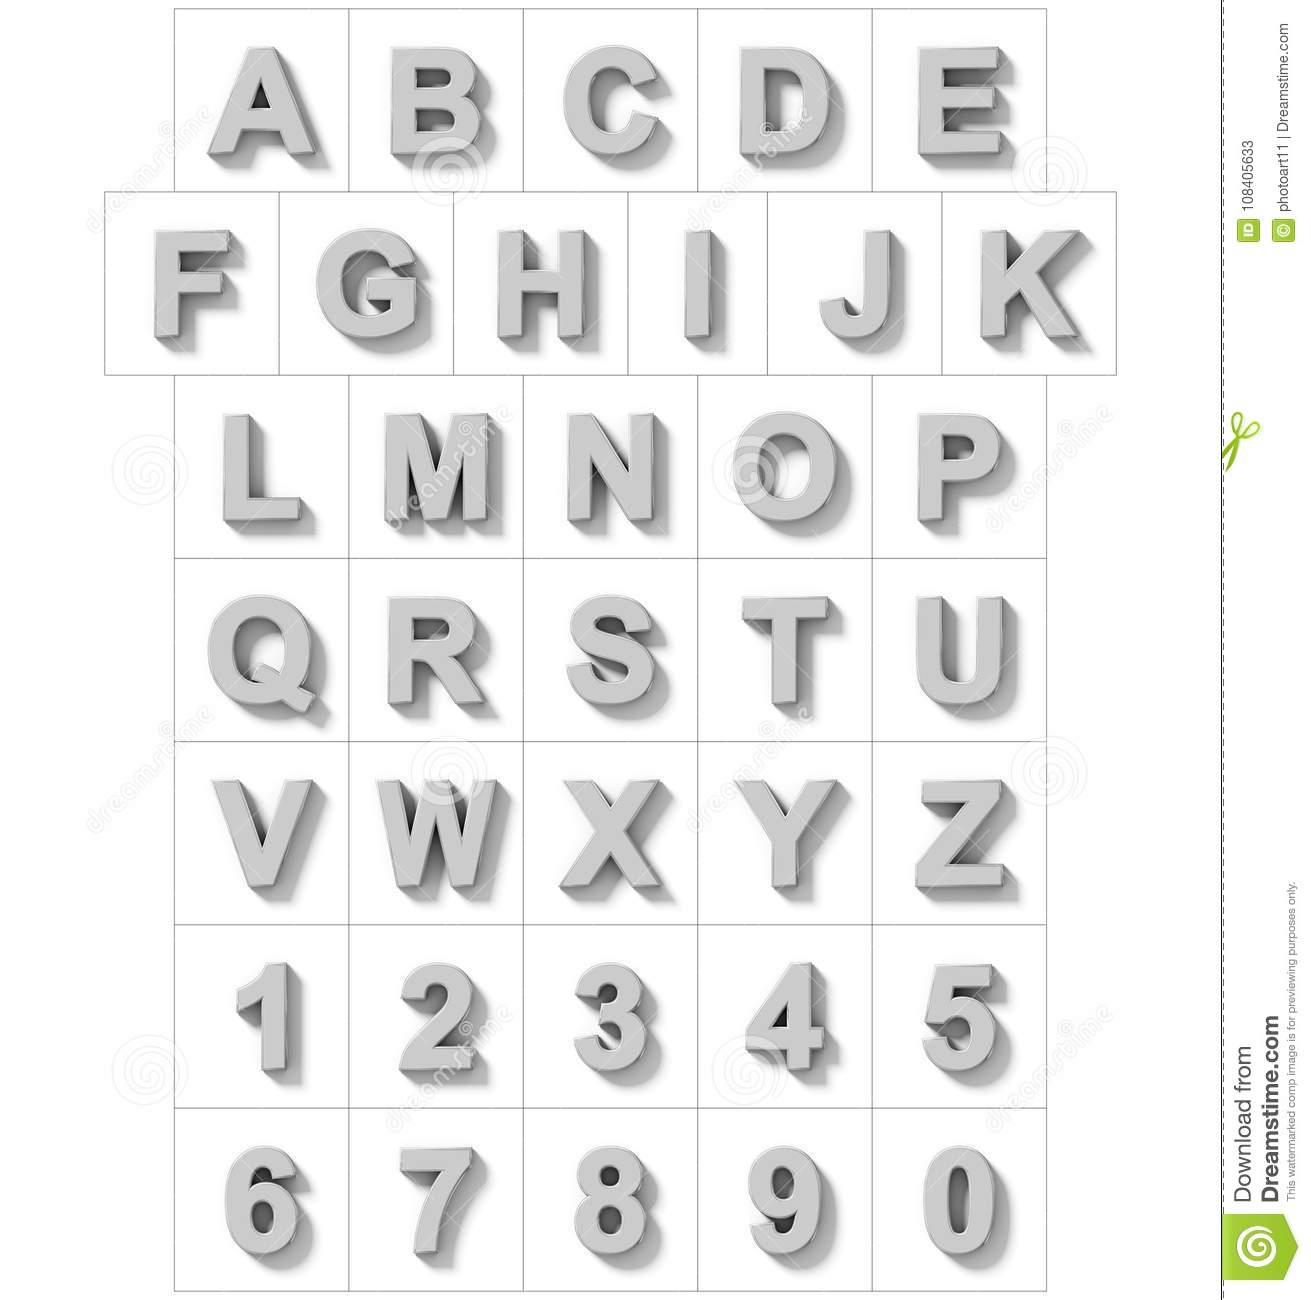 Buchstaben Und Zahlen 3D Versilbern Lokalisiert Auf Weiß Mit für Zahlen In Buchstaben